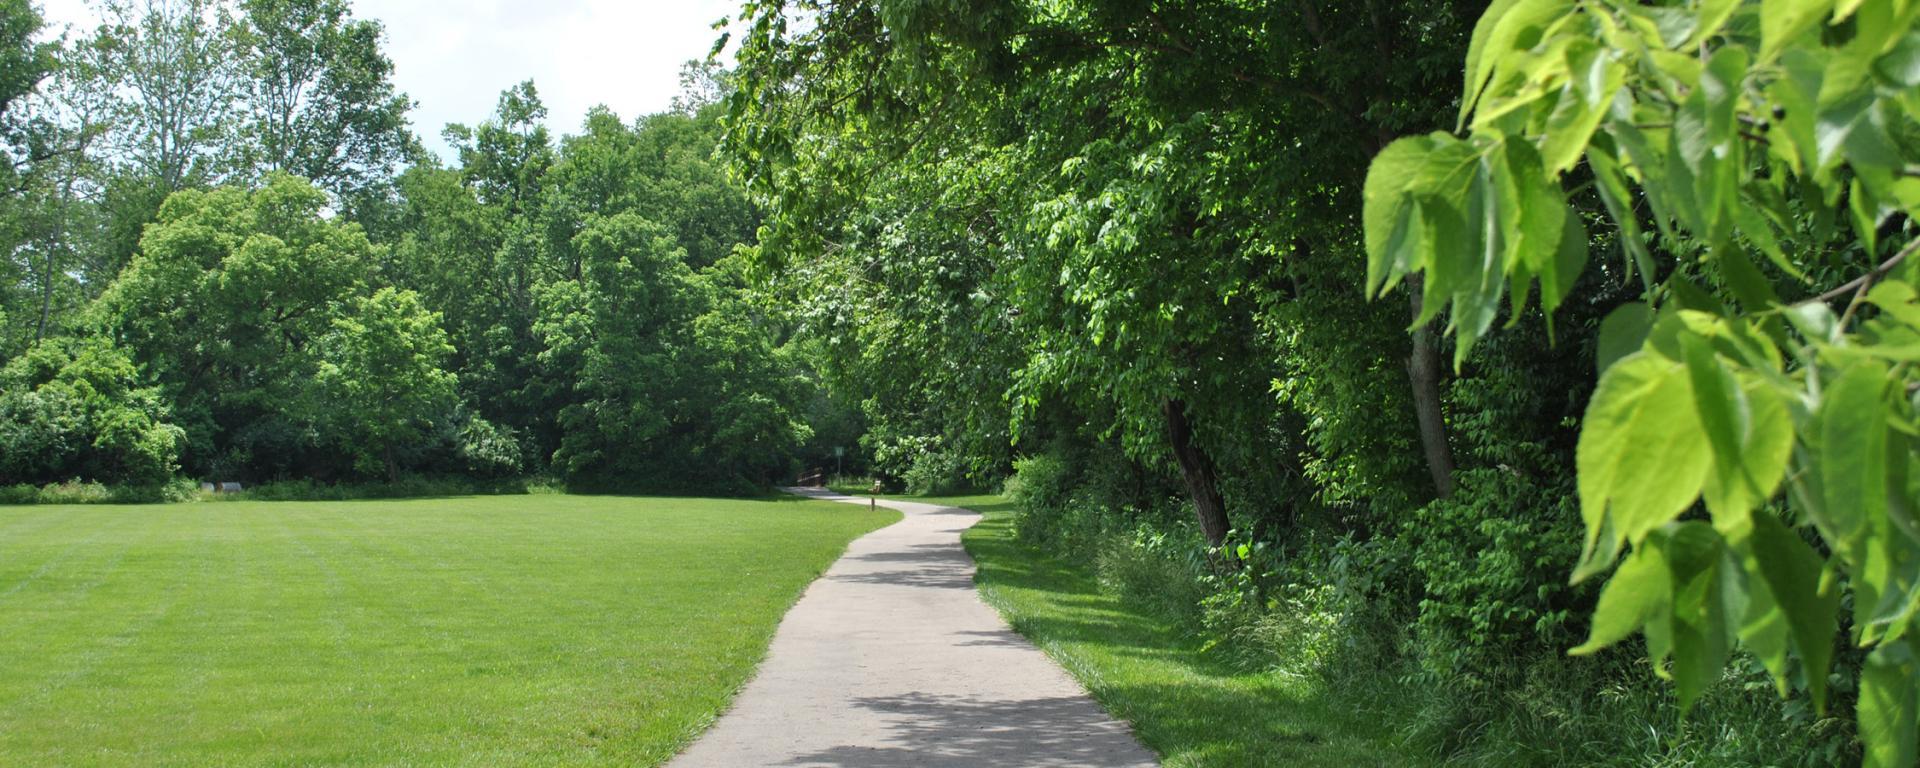 scenic park trail